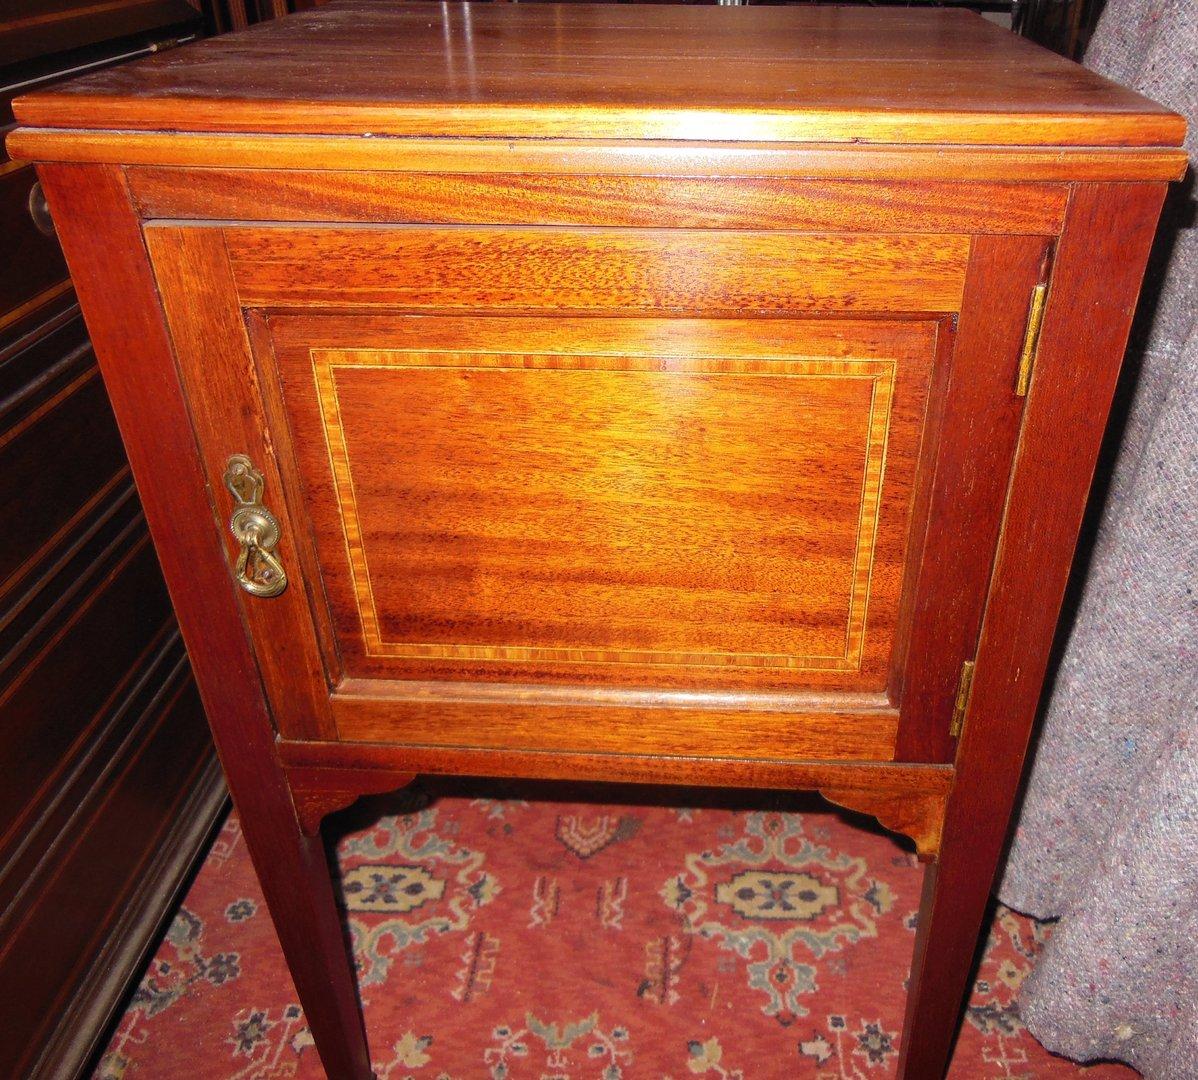 Kleiner Mahagoni-Kasten englisches-Kleinmöbel-mit-Türe